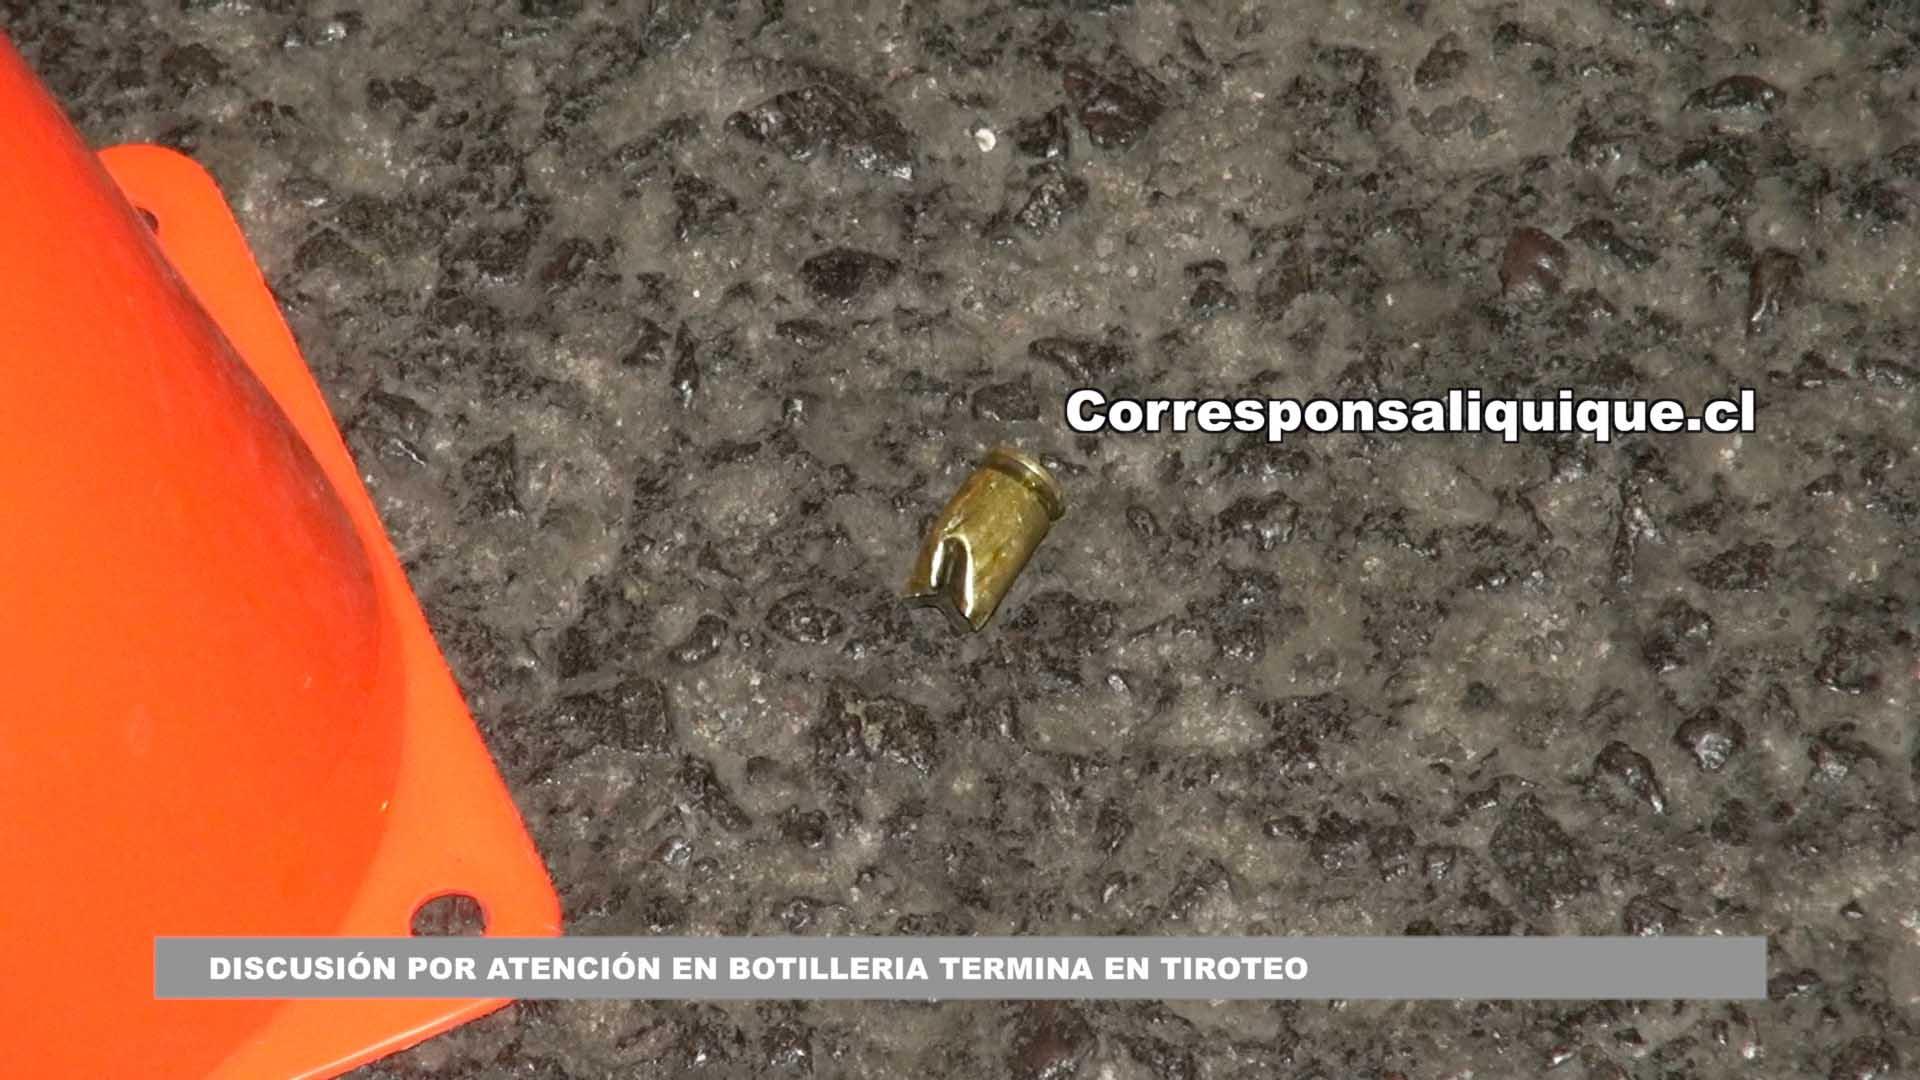 Photo of Discusión por atención en botillería terminó en tiroteo